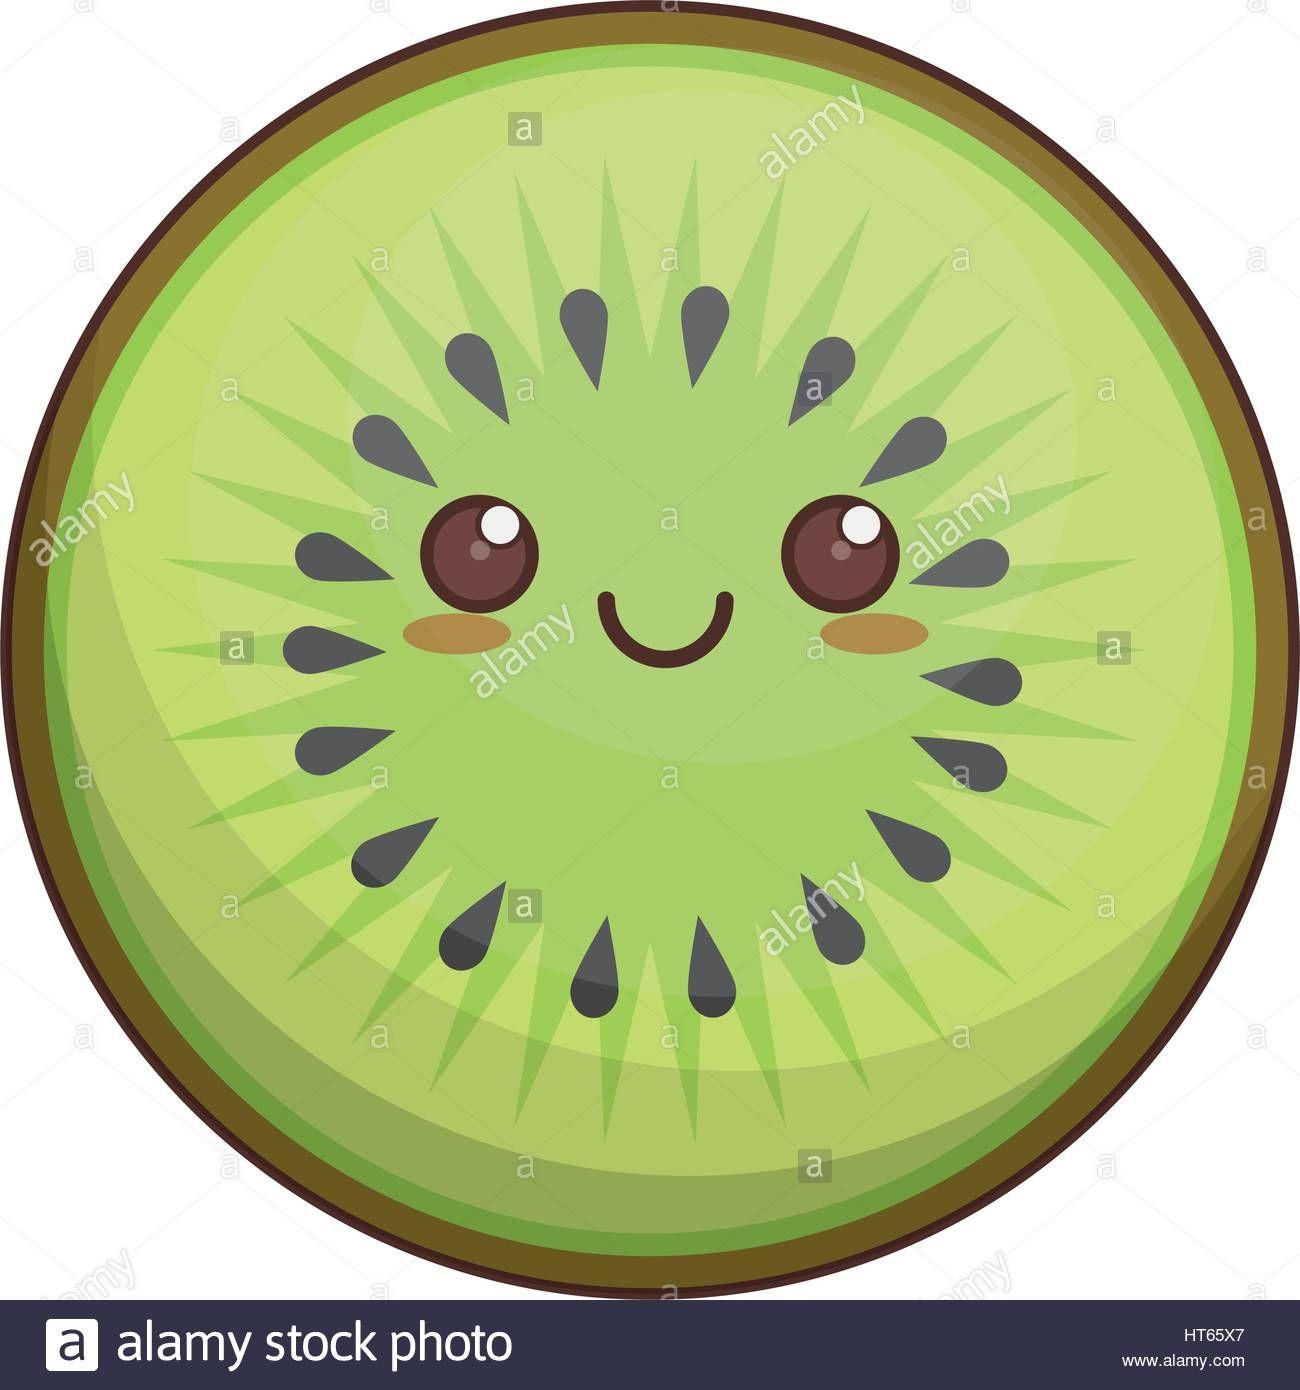 Pin By Cami Rey Laguarda On Kawaii Tekeningen Kawaii Fruit Kawaii Fruit Icons